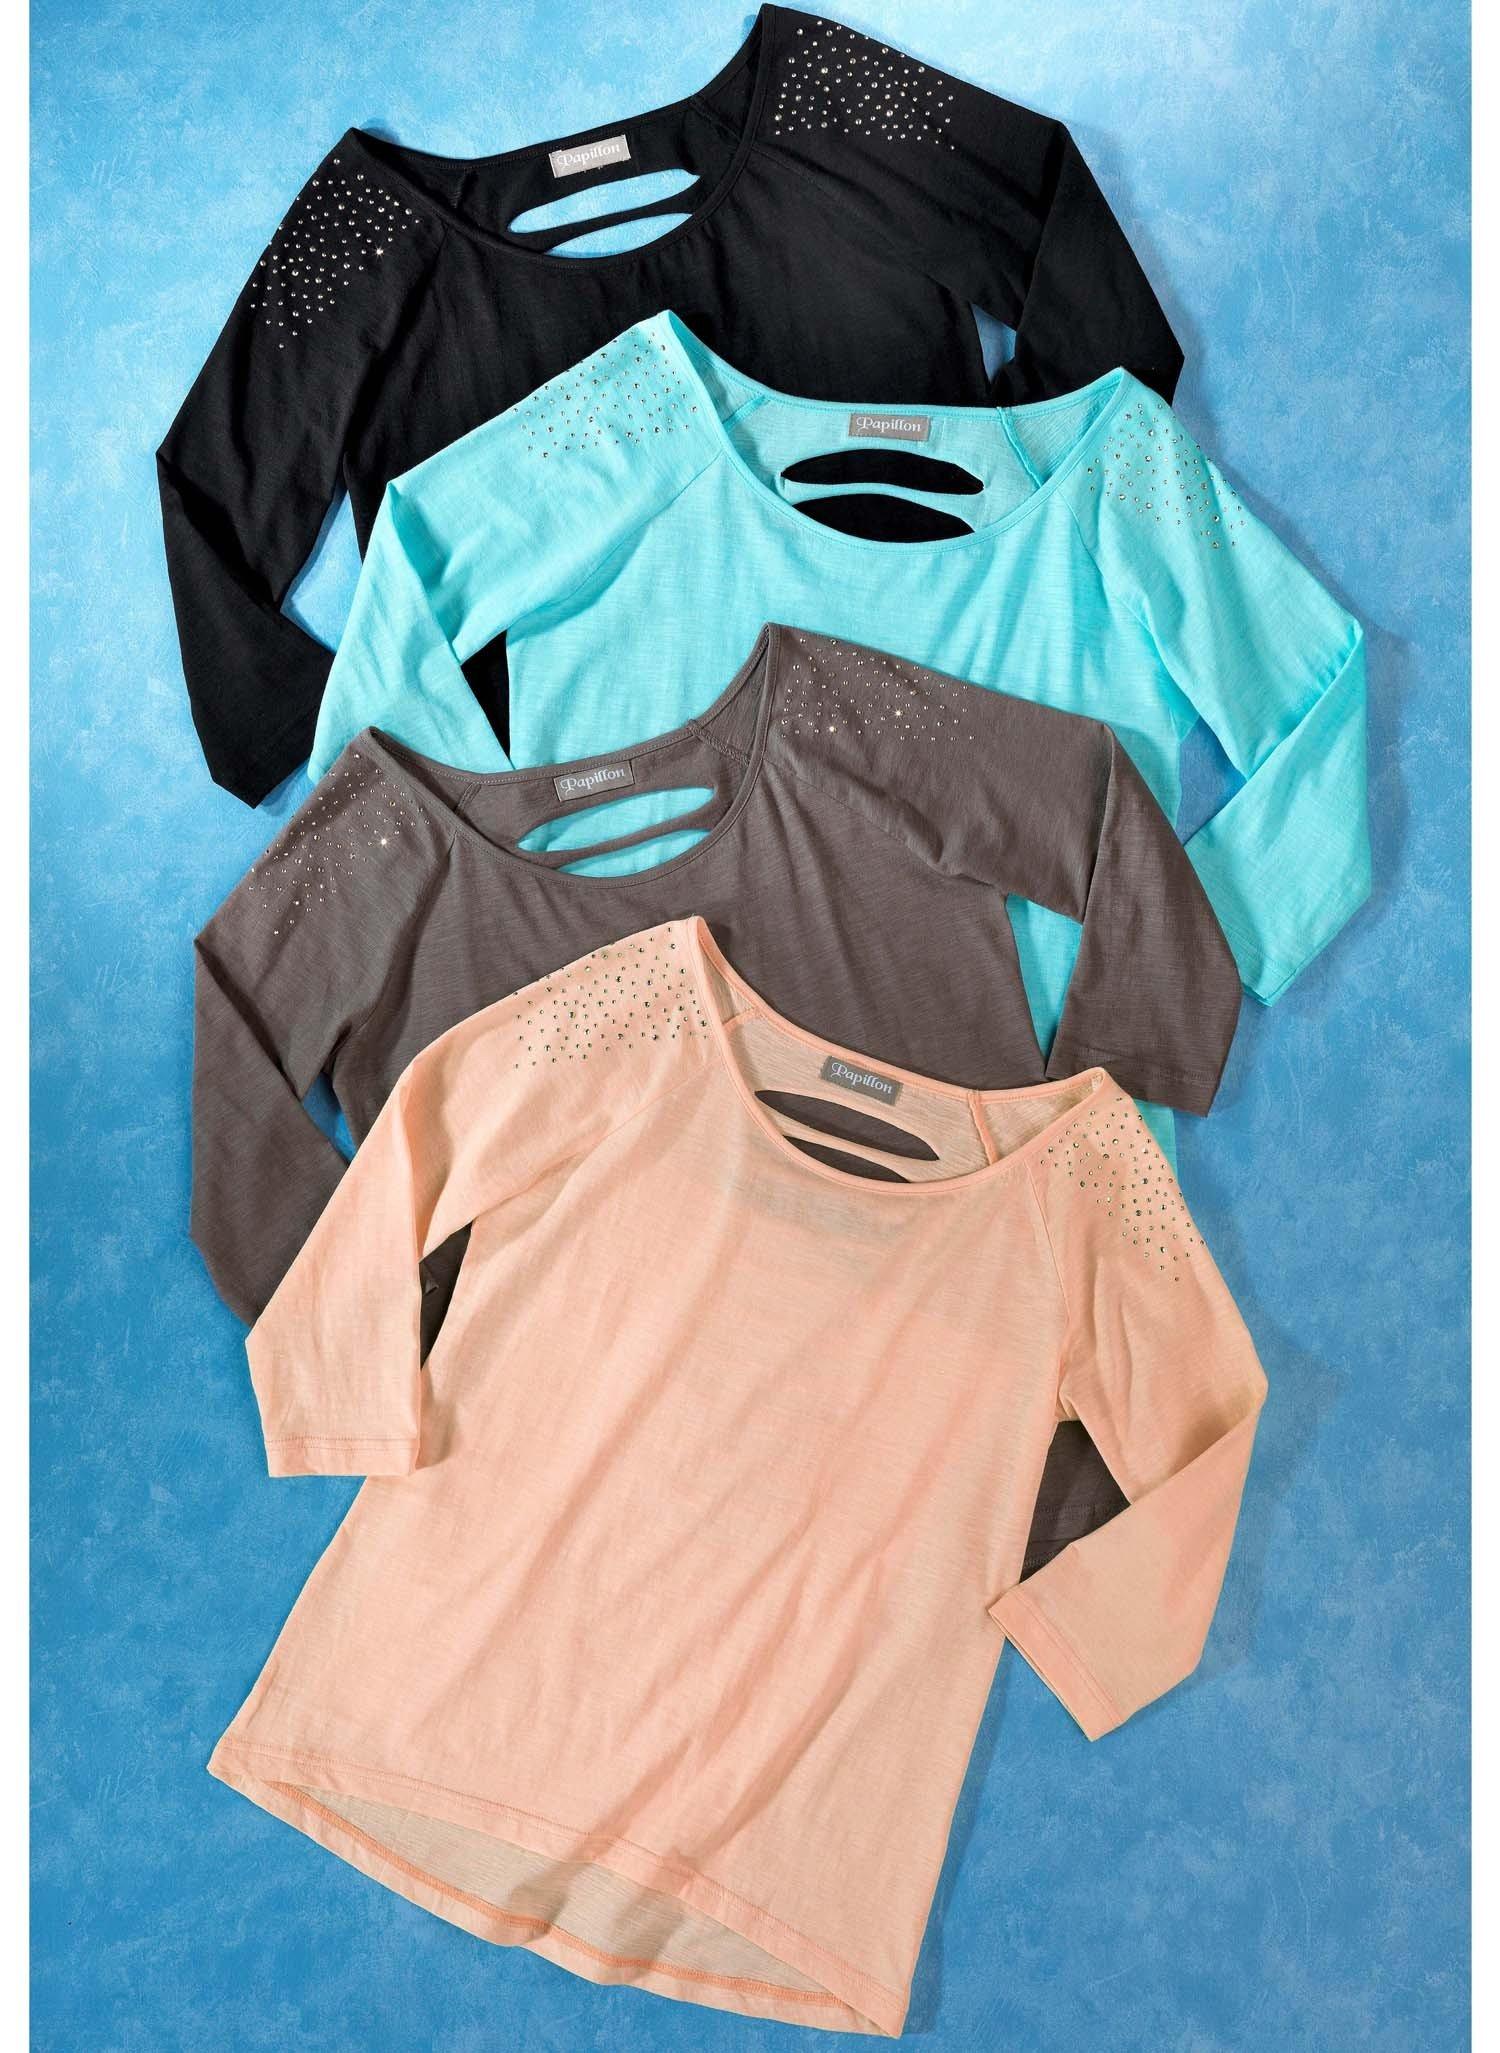 D-3/4-Ar.Shirt,geschlitzt apr. S 037 - 1 - Ronja.ch